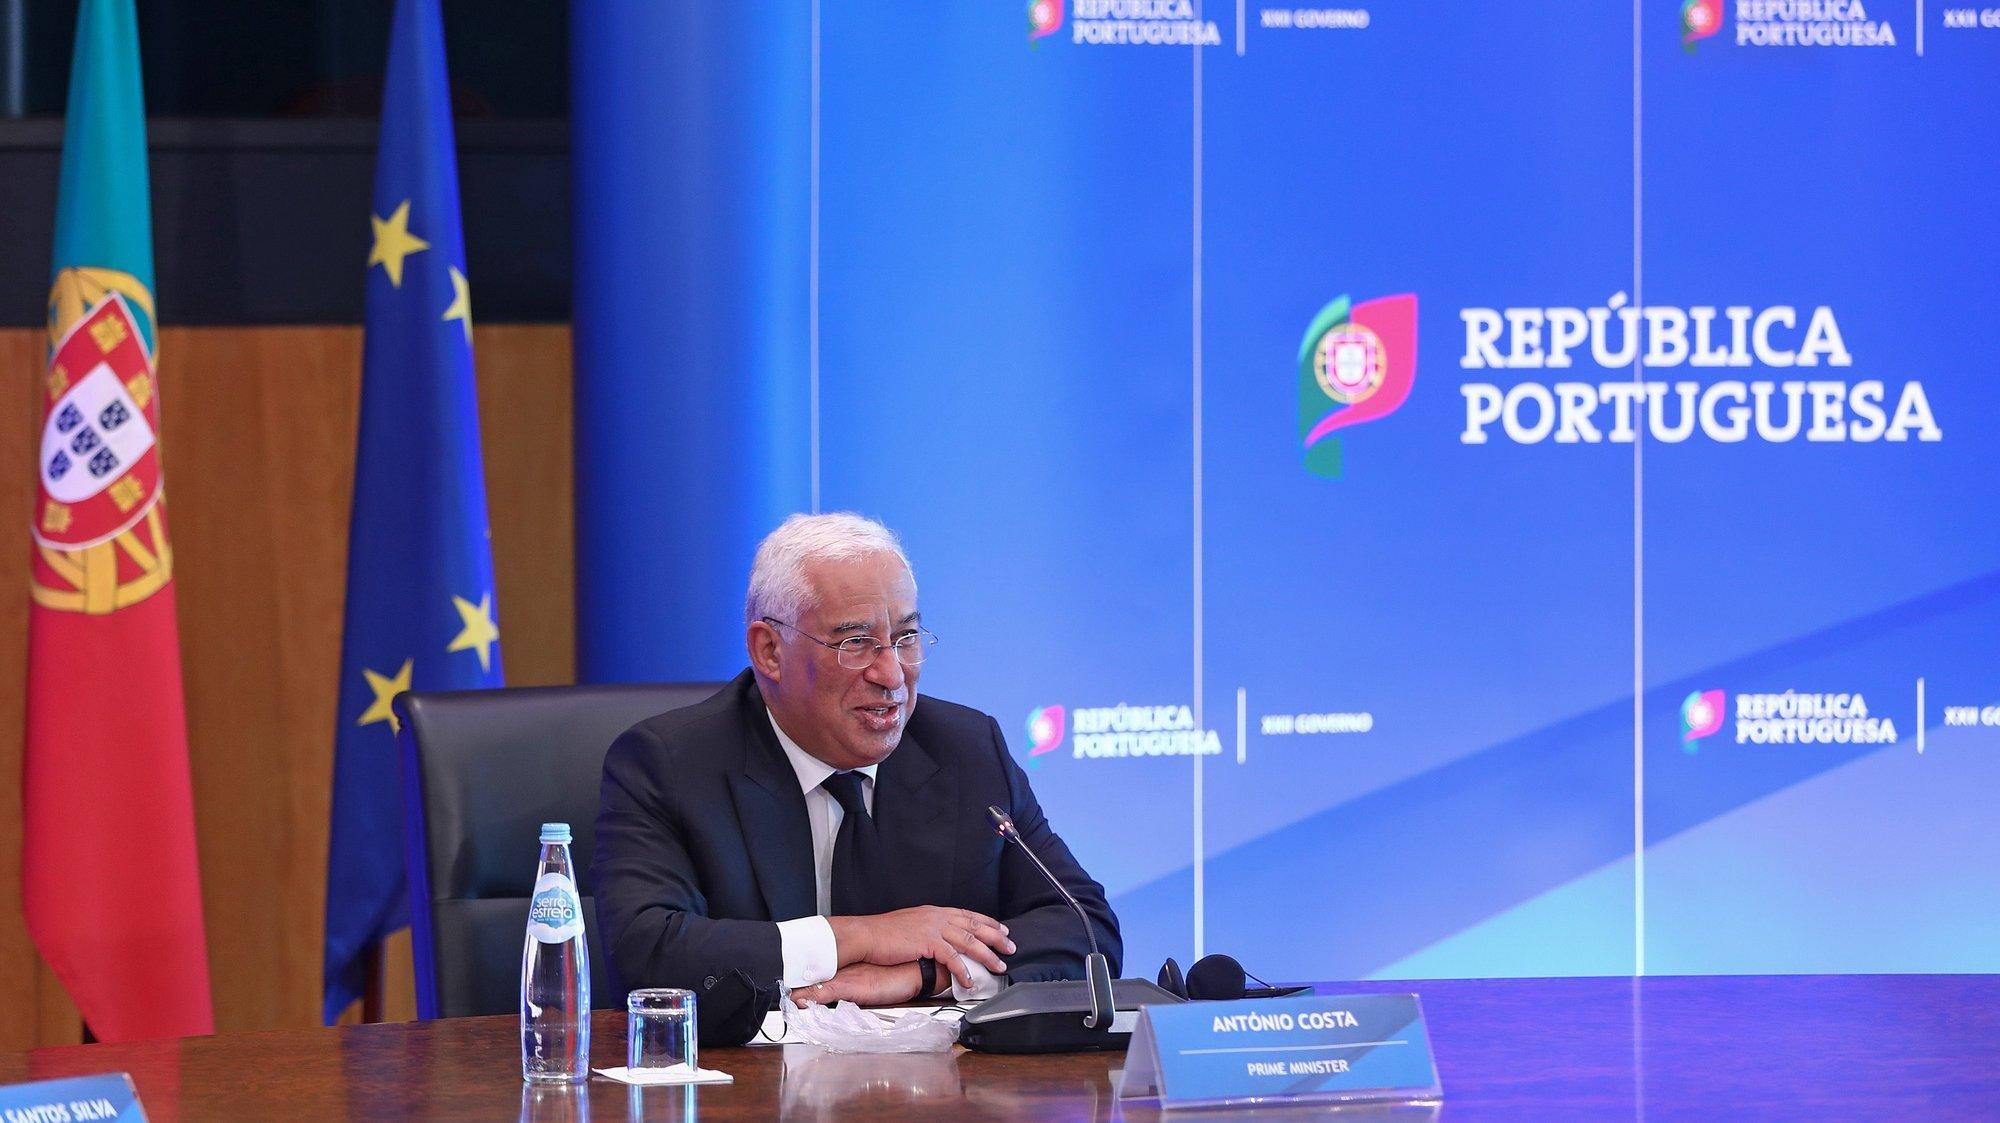 O primeiro-ministro, António Costa, durante uma reunião por videoconferência com o Presidente do Parlamento Europeu, David-Maria Sassoli, em Lisboa 02 de dezembro de 2020. Portugal assumirá a presidência da União Europeia em 01 de janeiro de 2021, sucedendo à Alemanha. ANTÓNIO PEDRO SANTOS/LUSA